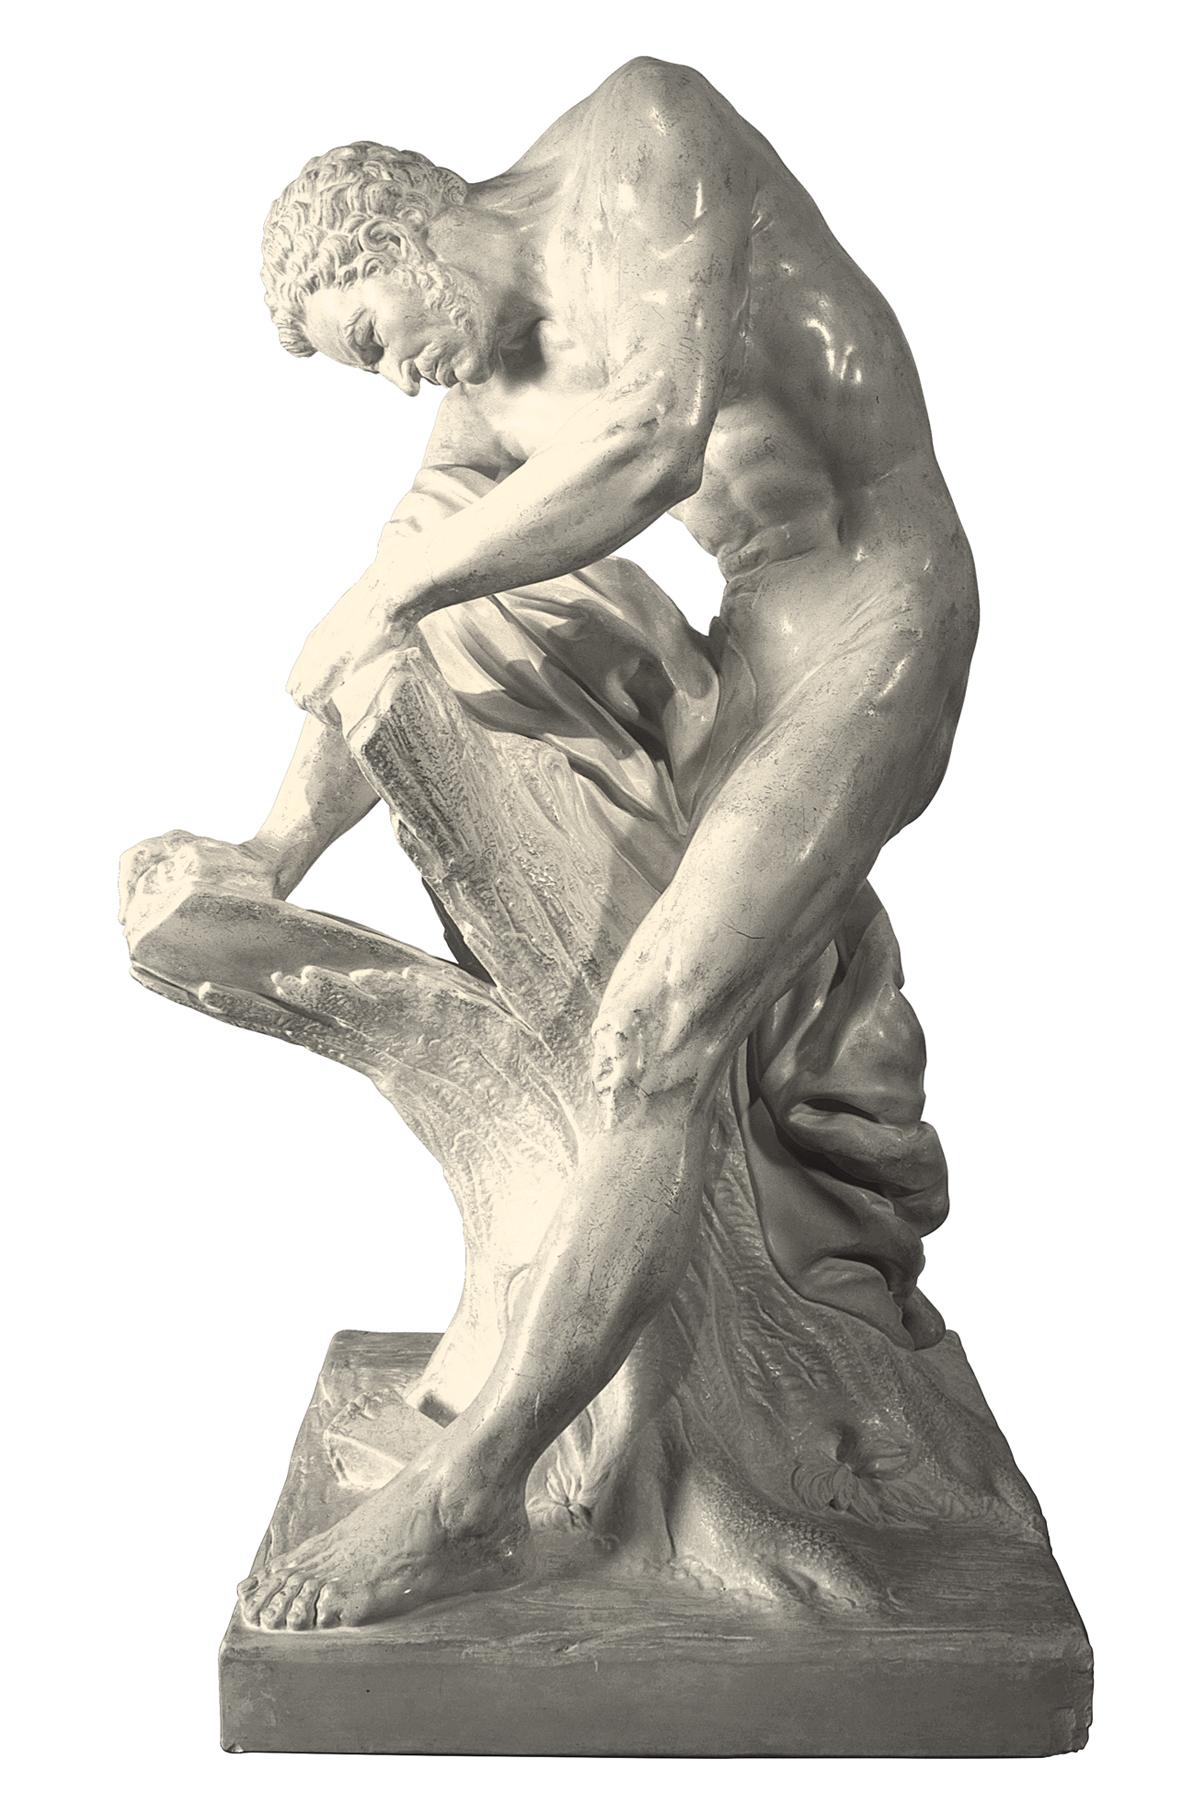 Milone di Crotone (copia in gesso)